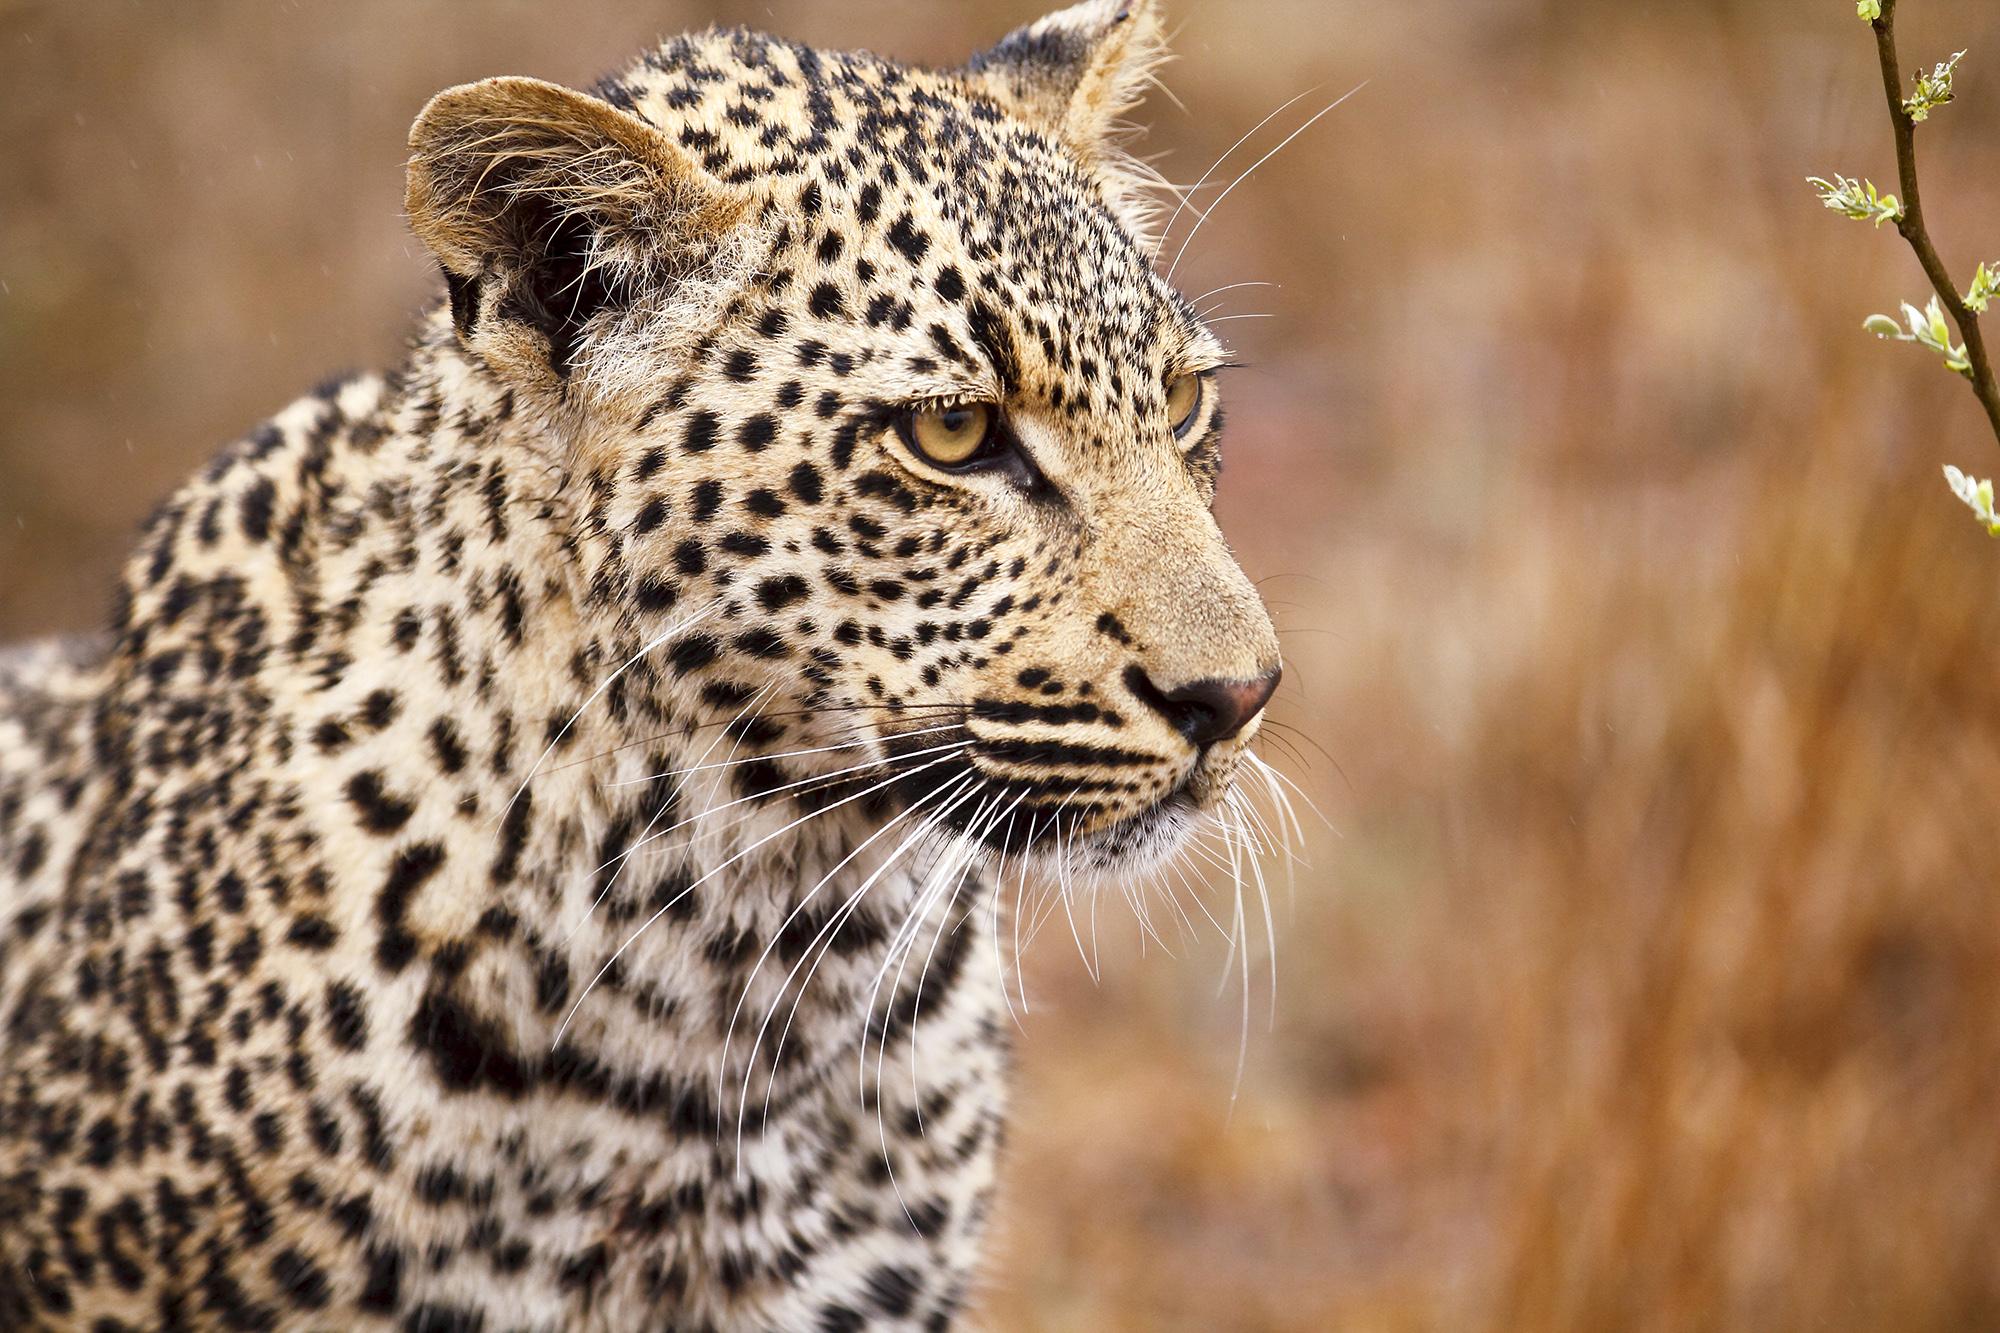 Léopard d'Afrique (Panthera pardus pardus) en Afrique du Sud par Guillaume Projetti